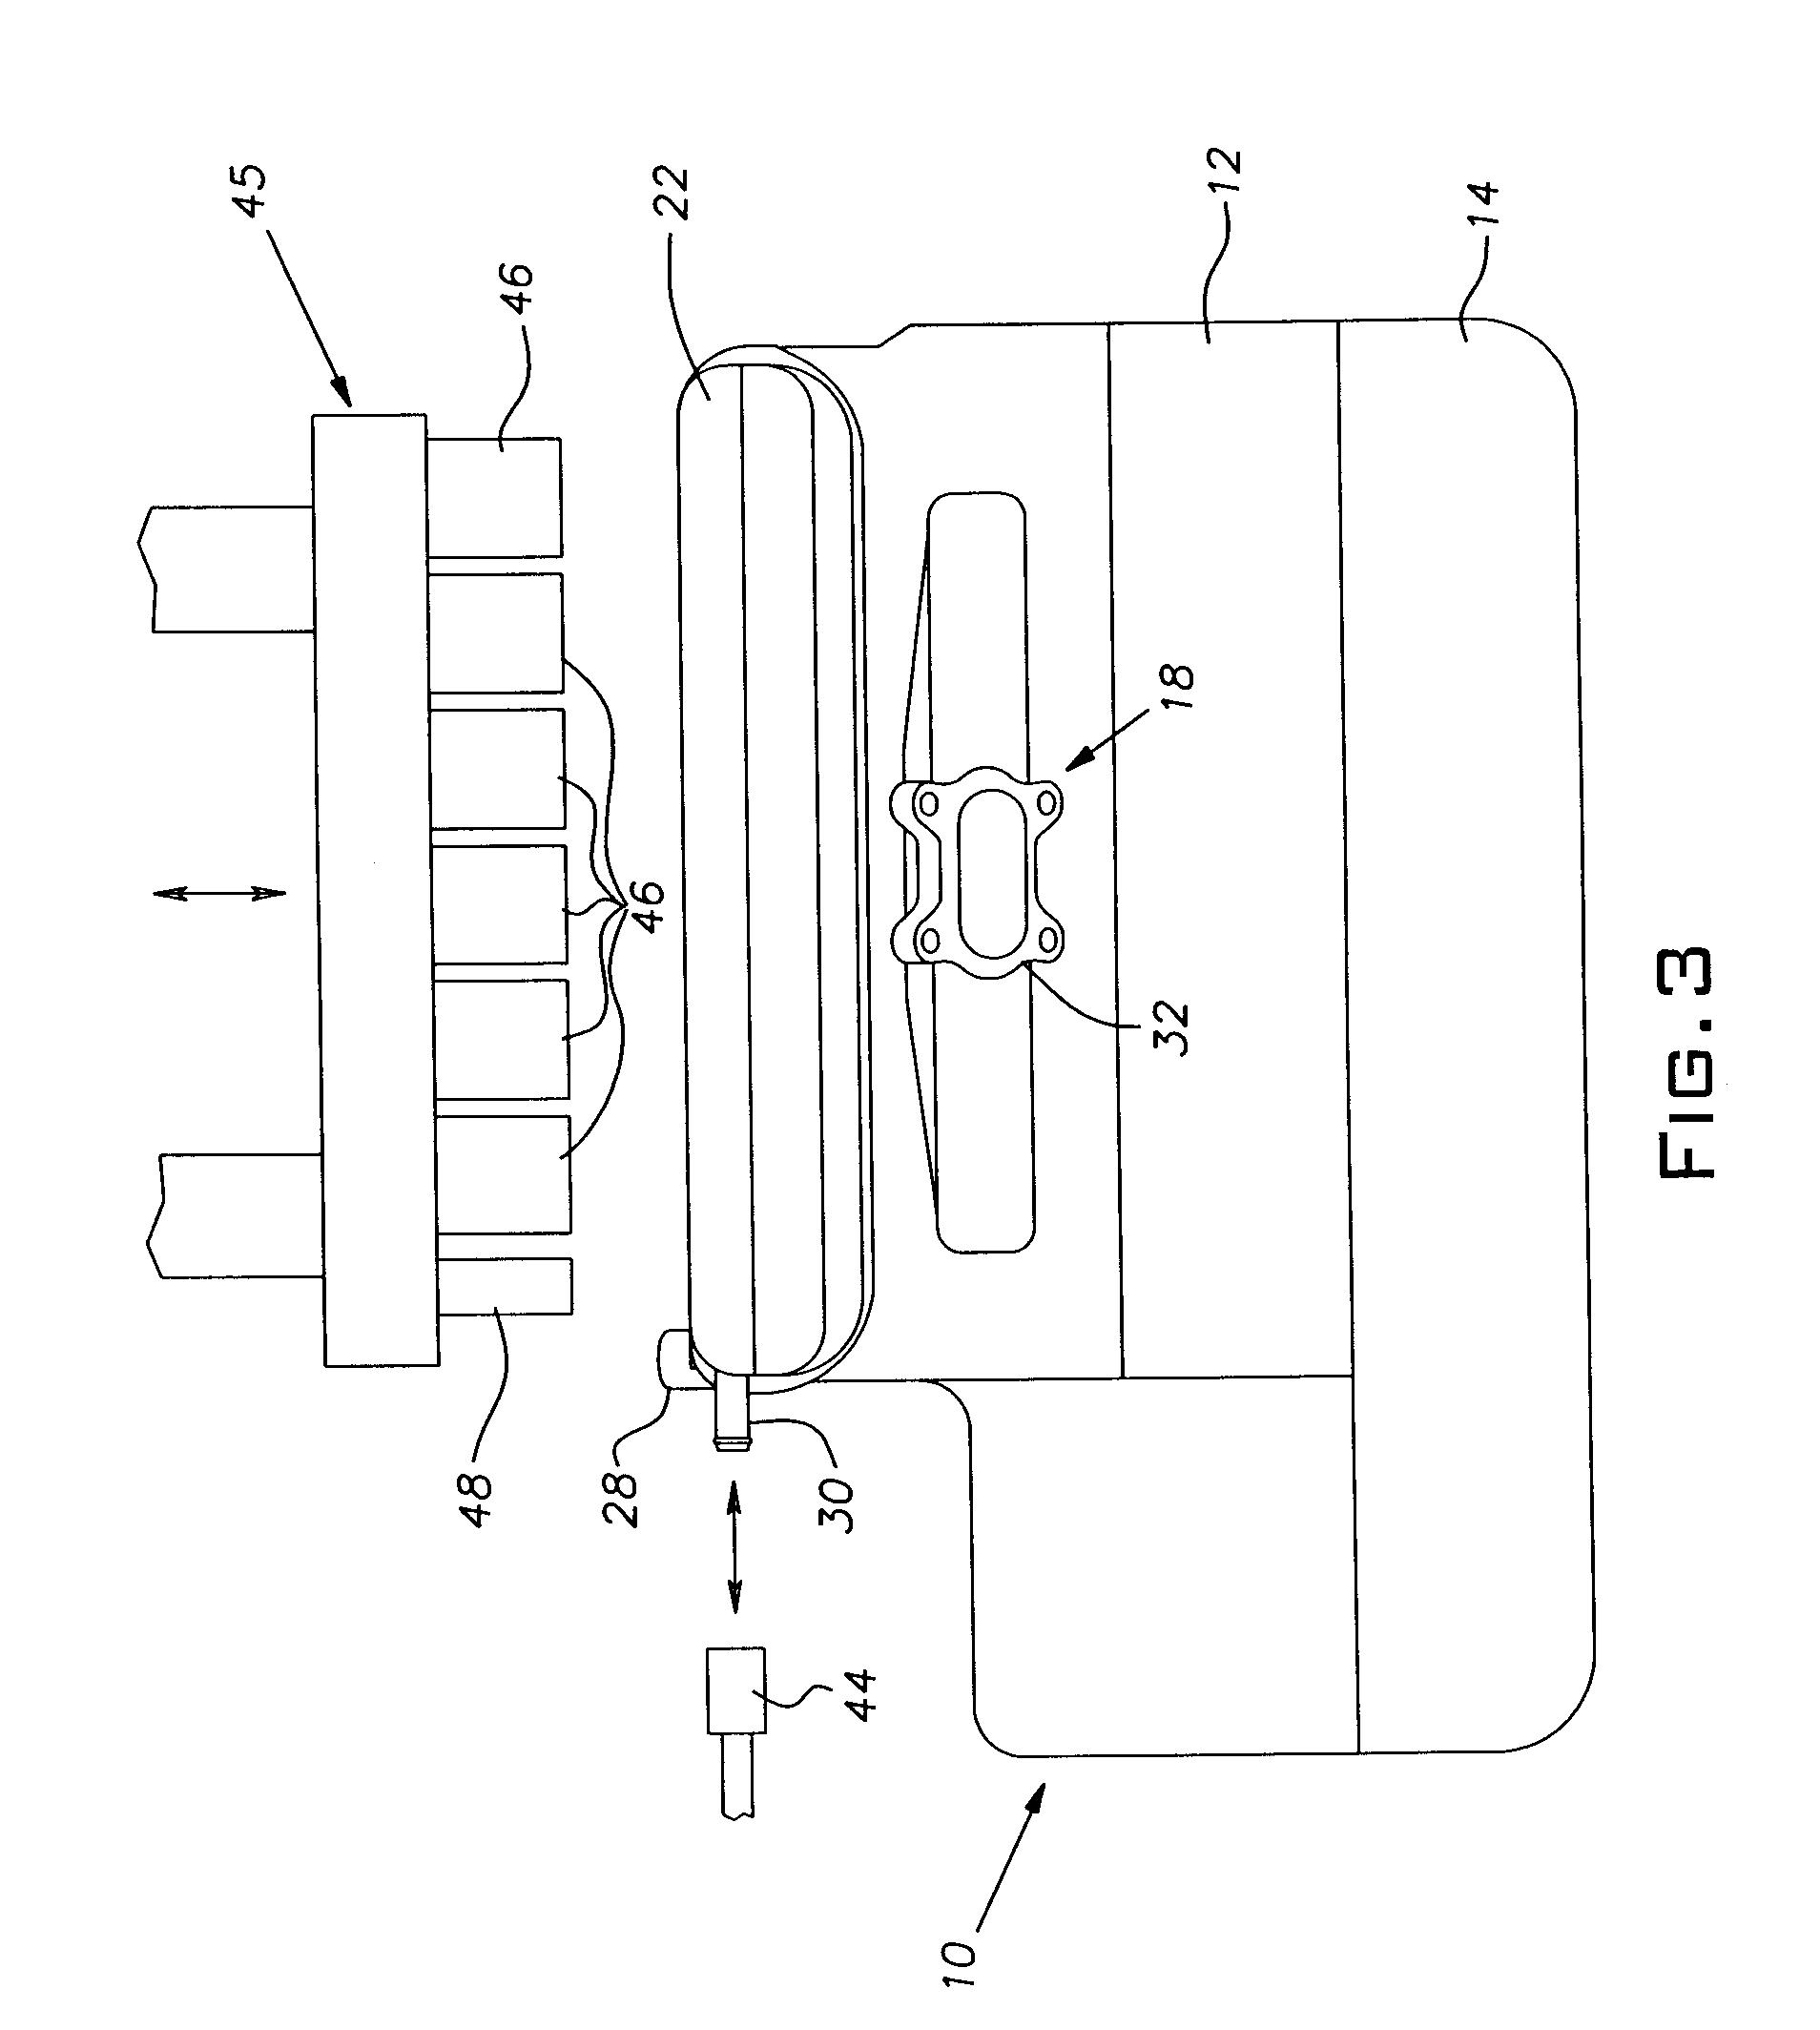 M11 Mins Starter Relay Wiring Diagram Interrupt Toyota Fuel Shut Off Solenoid Great Design Of M